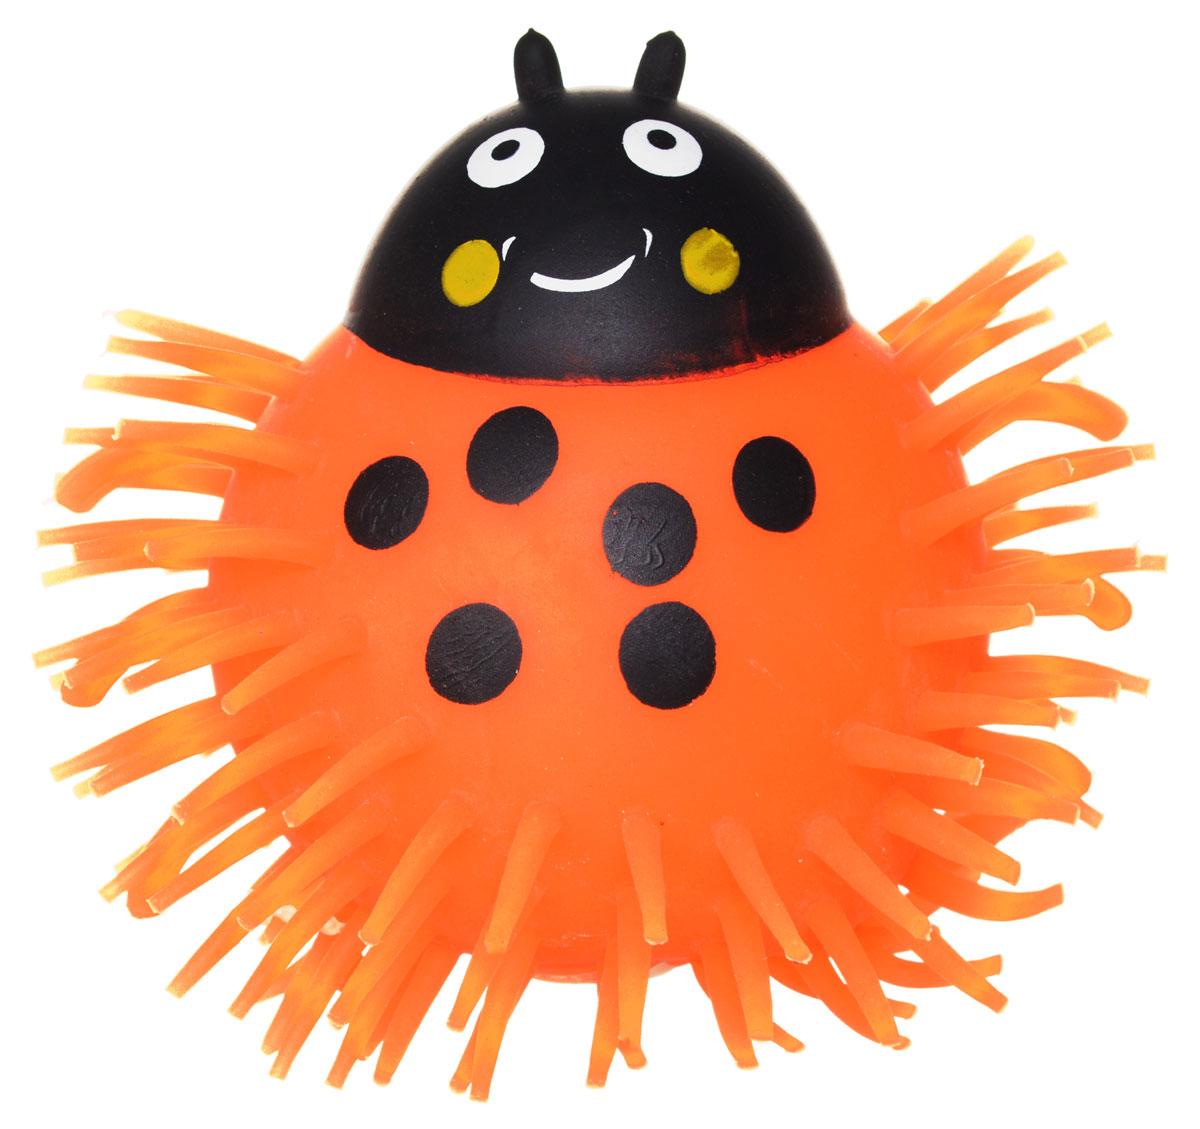 1TOY Игрушка-антистресс Ё-Ёжик Жук 1toy игрушка антистресс ё ёжик животное цвет бежевый